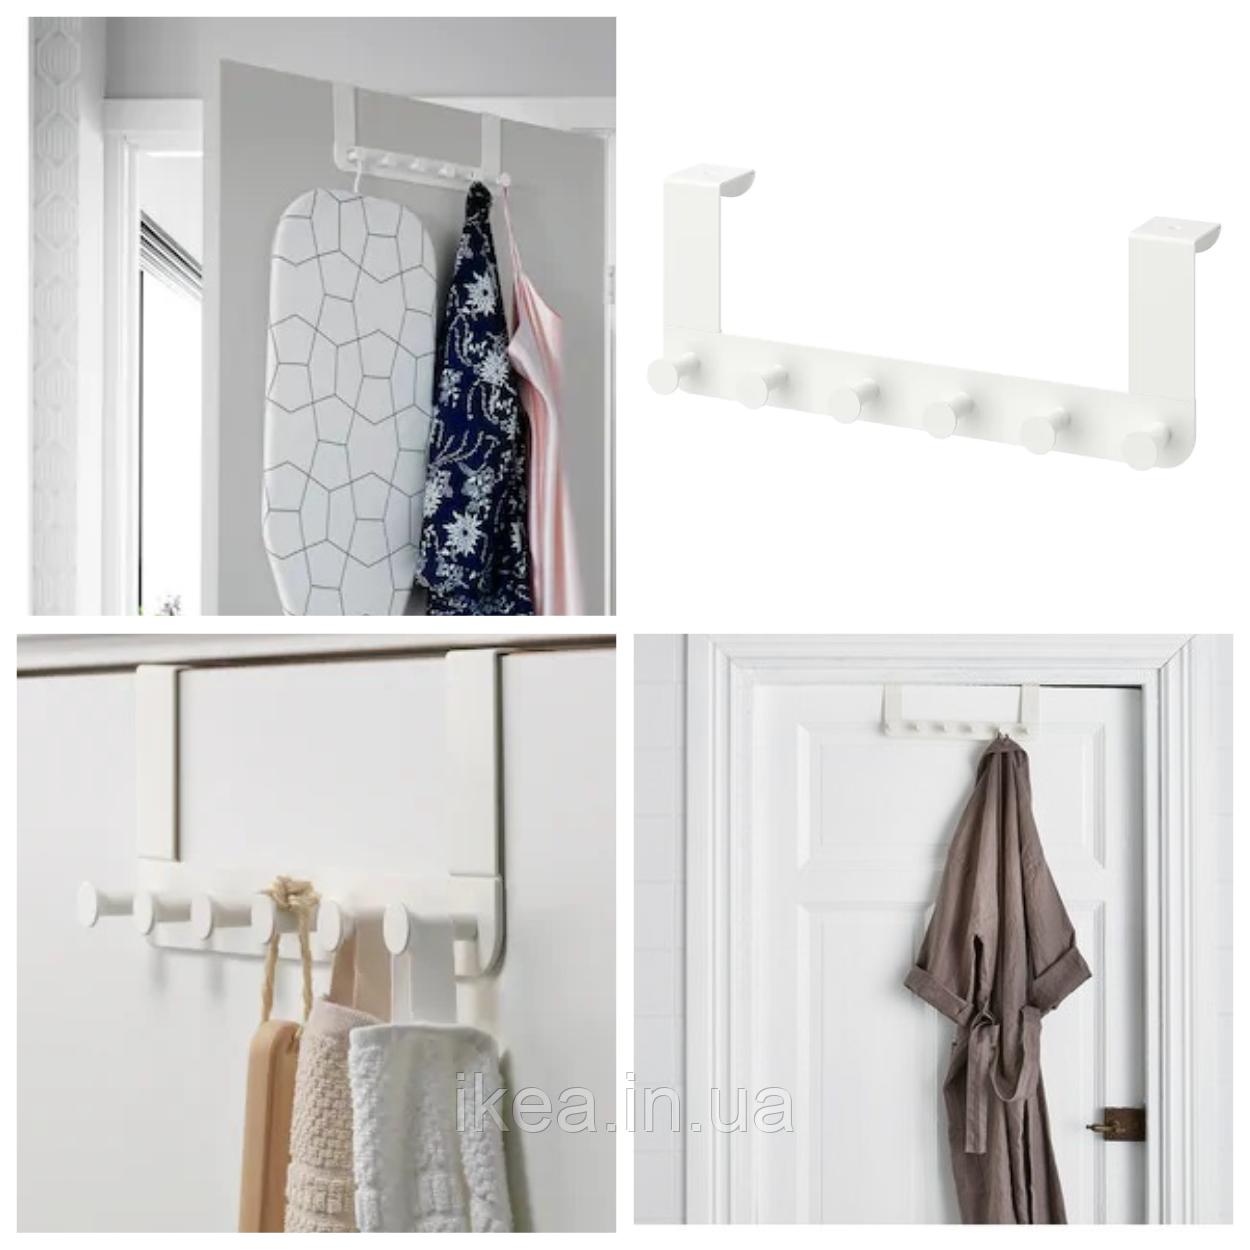 Вешалка дверная пластиковая белая IKEA ENUDDEN вешалка крючок на дверь, надверная ИКЕА ЕНУДДЕН